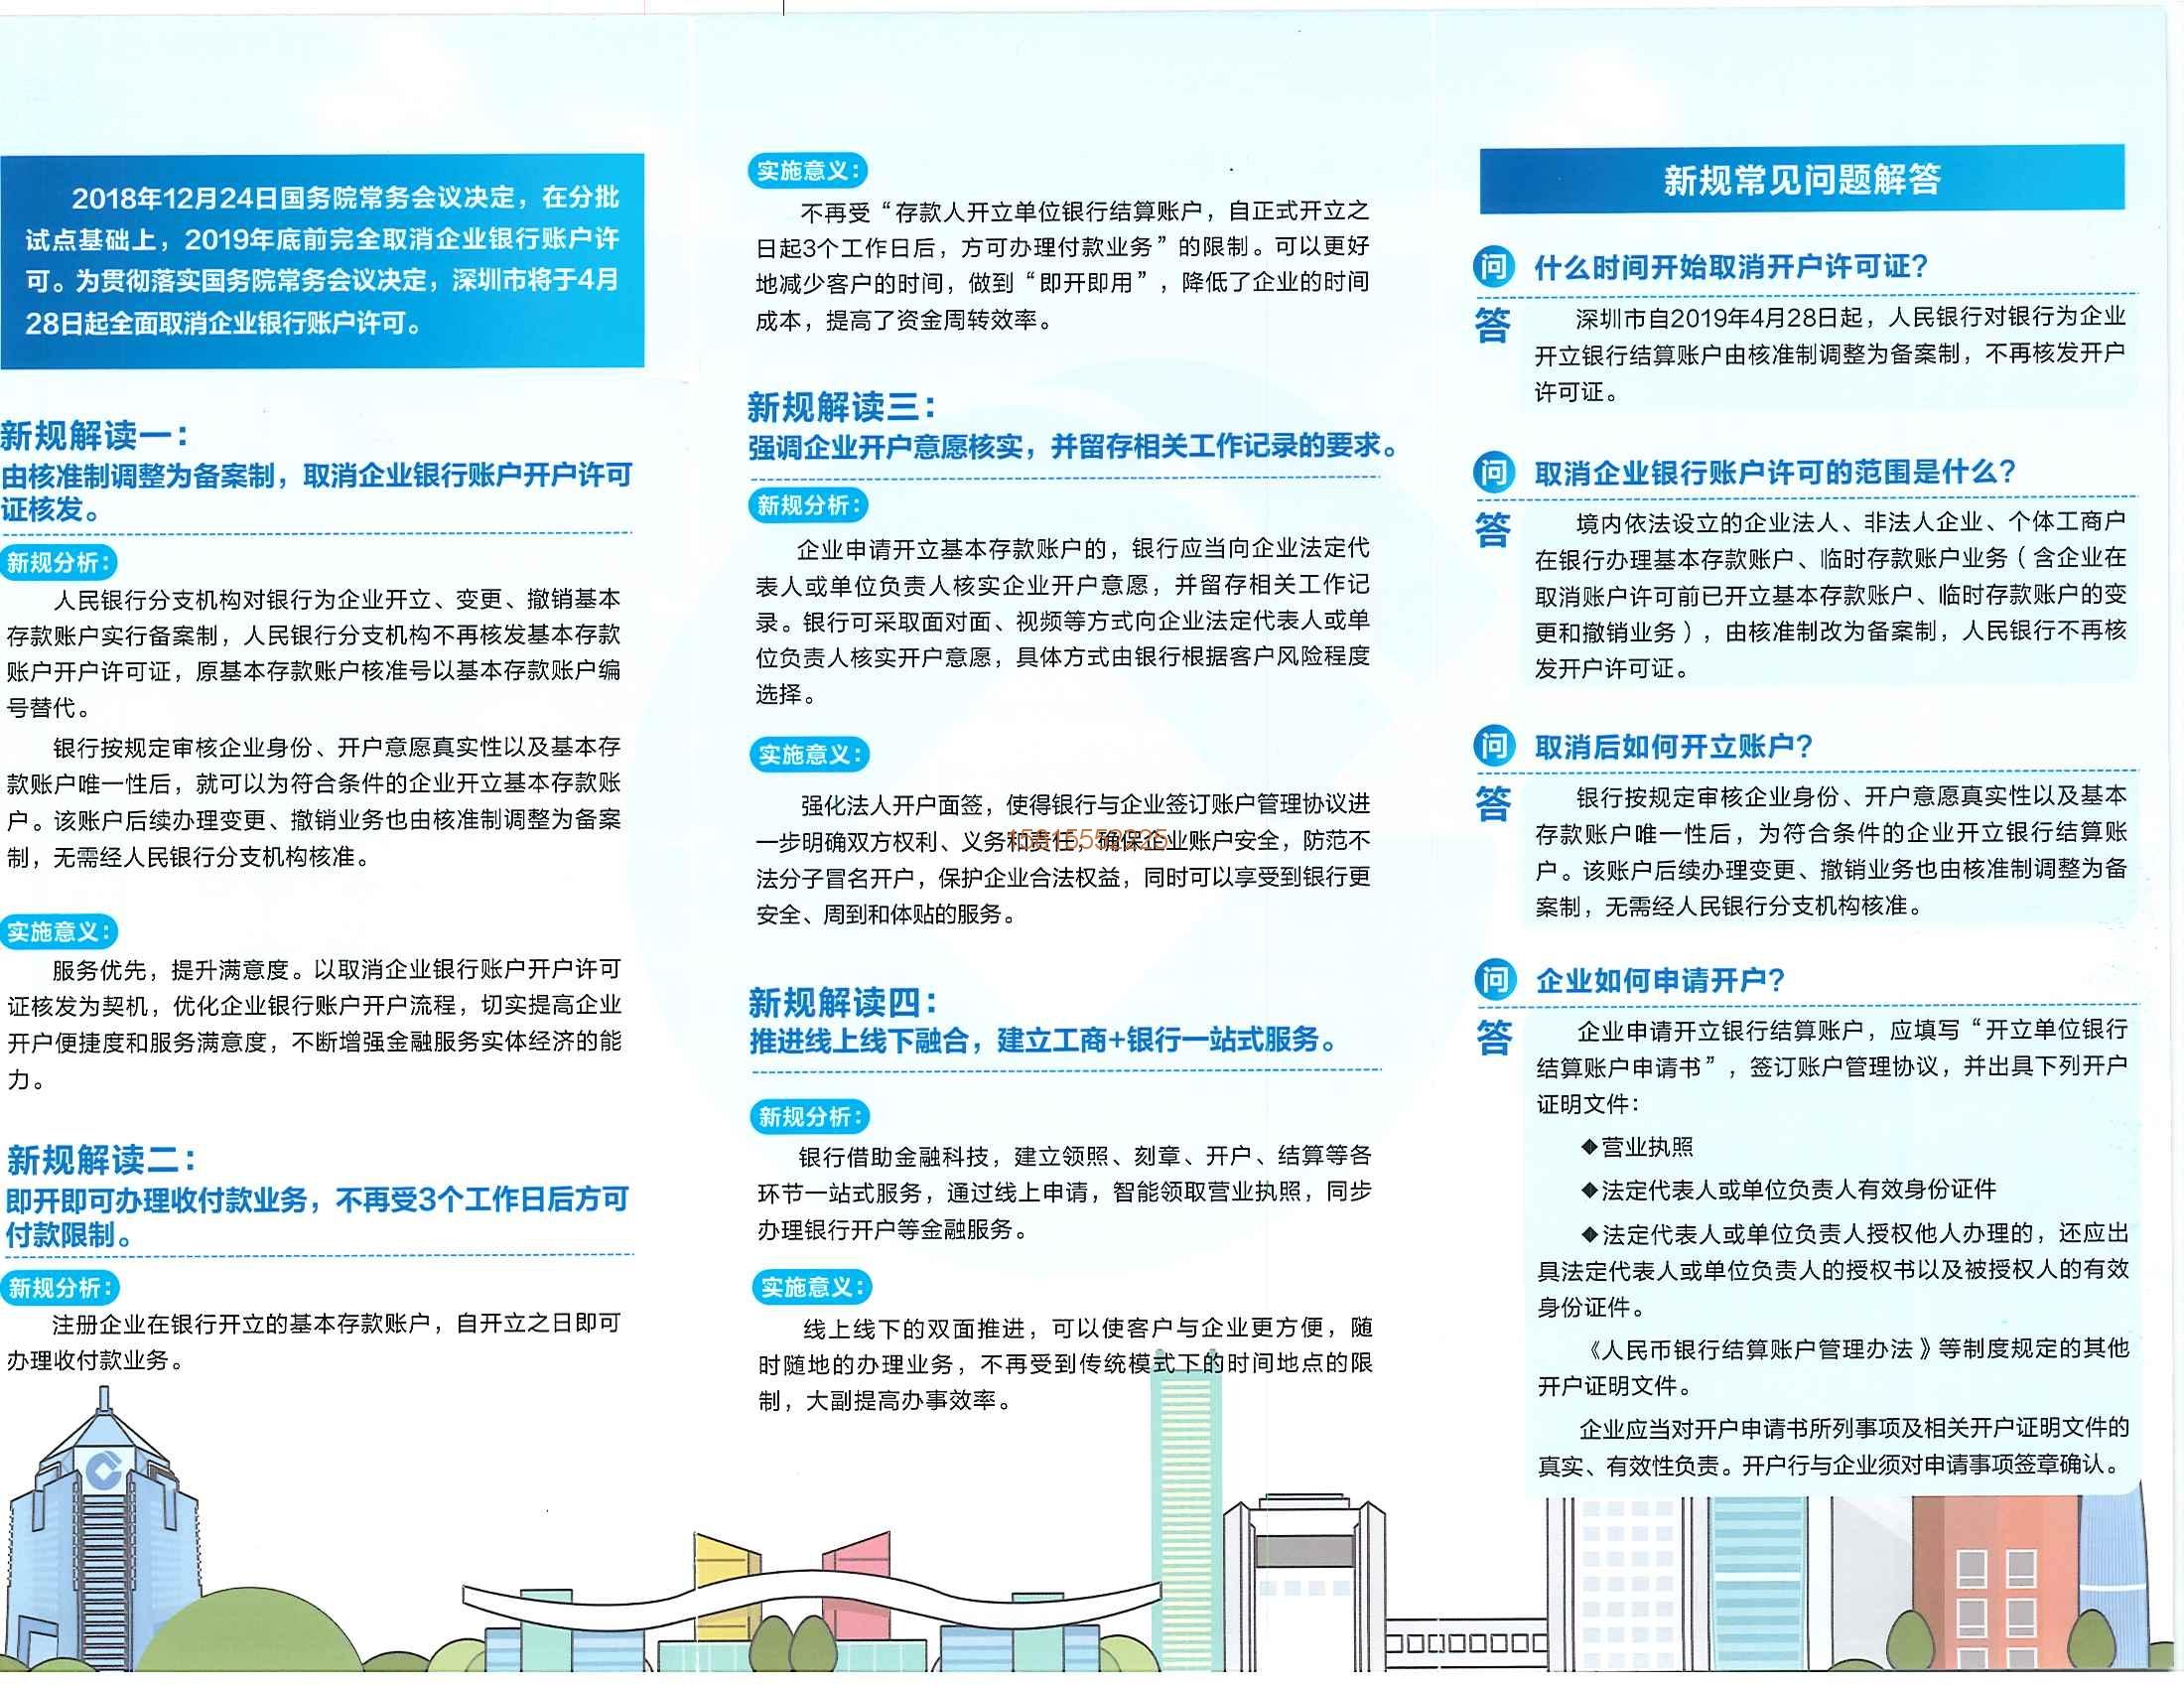 《取消企业银行账号许可政策解读和常见问题》中国建设银行深圳市分行